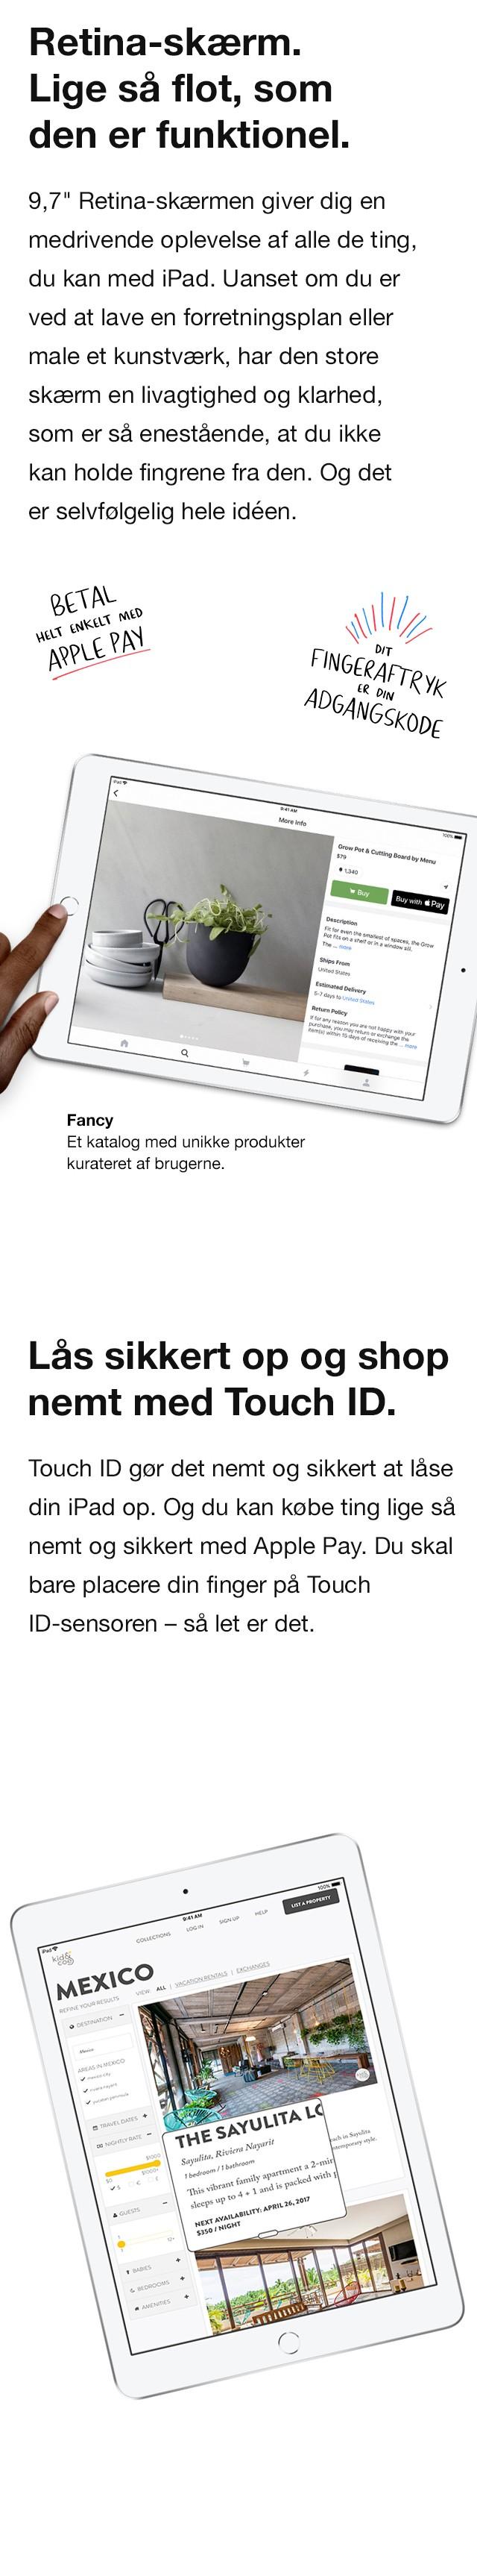 """Den store 9,7"""" Retinaskærm er lige så flot som den er funktionel, mens Touch ID gør det nemt at låse op og betale med Apple Pay"""